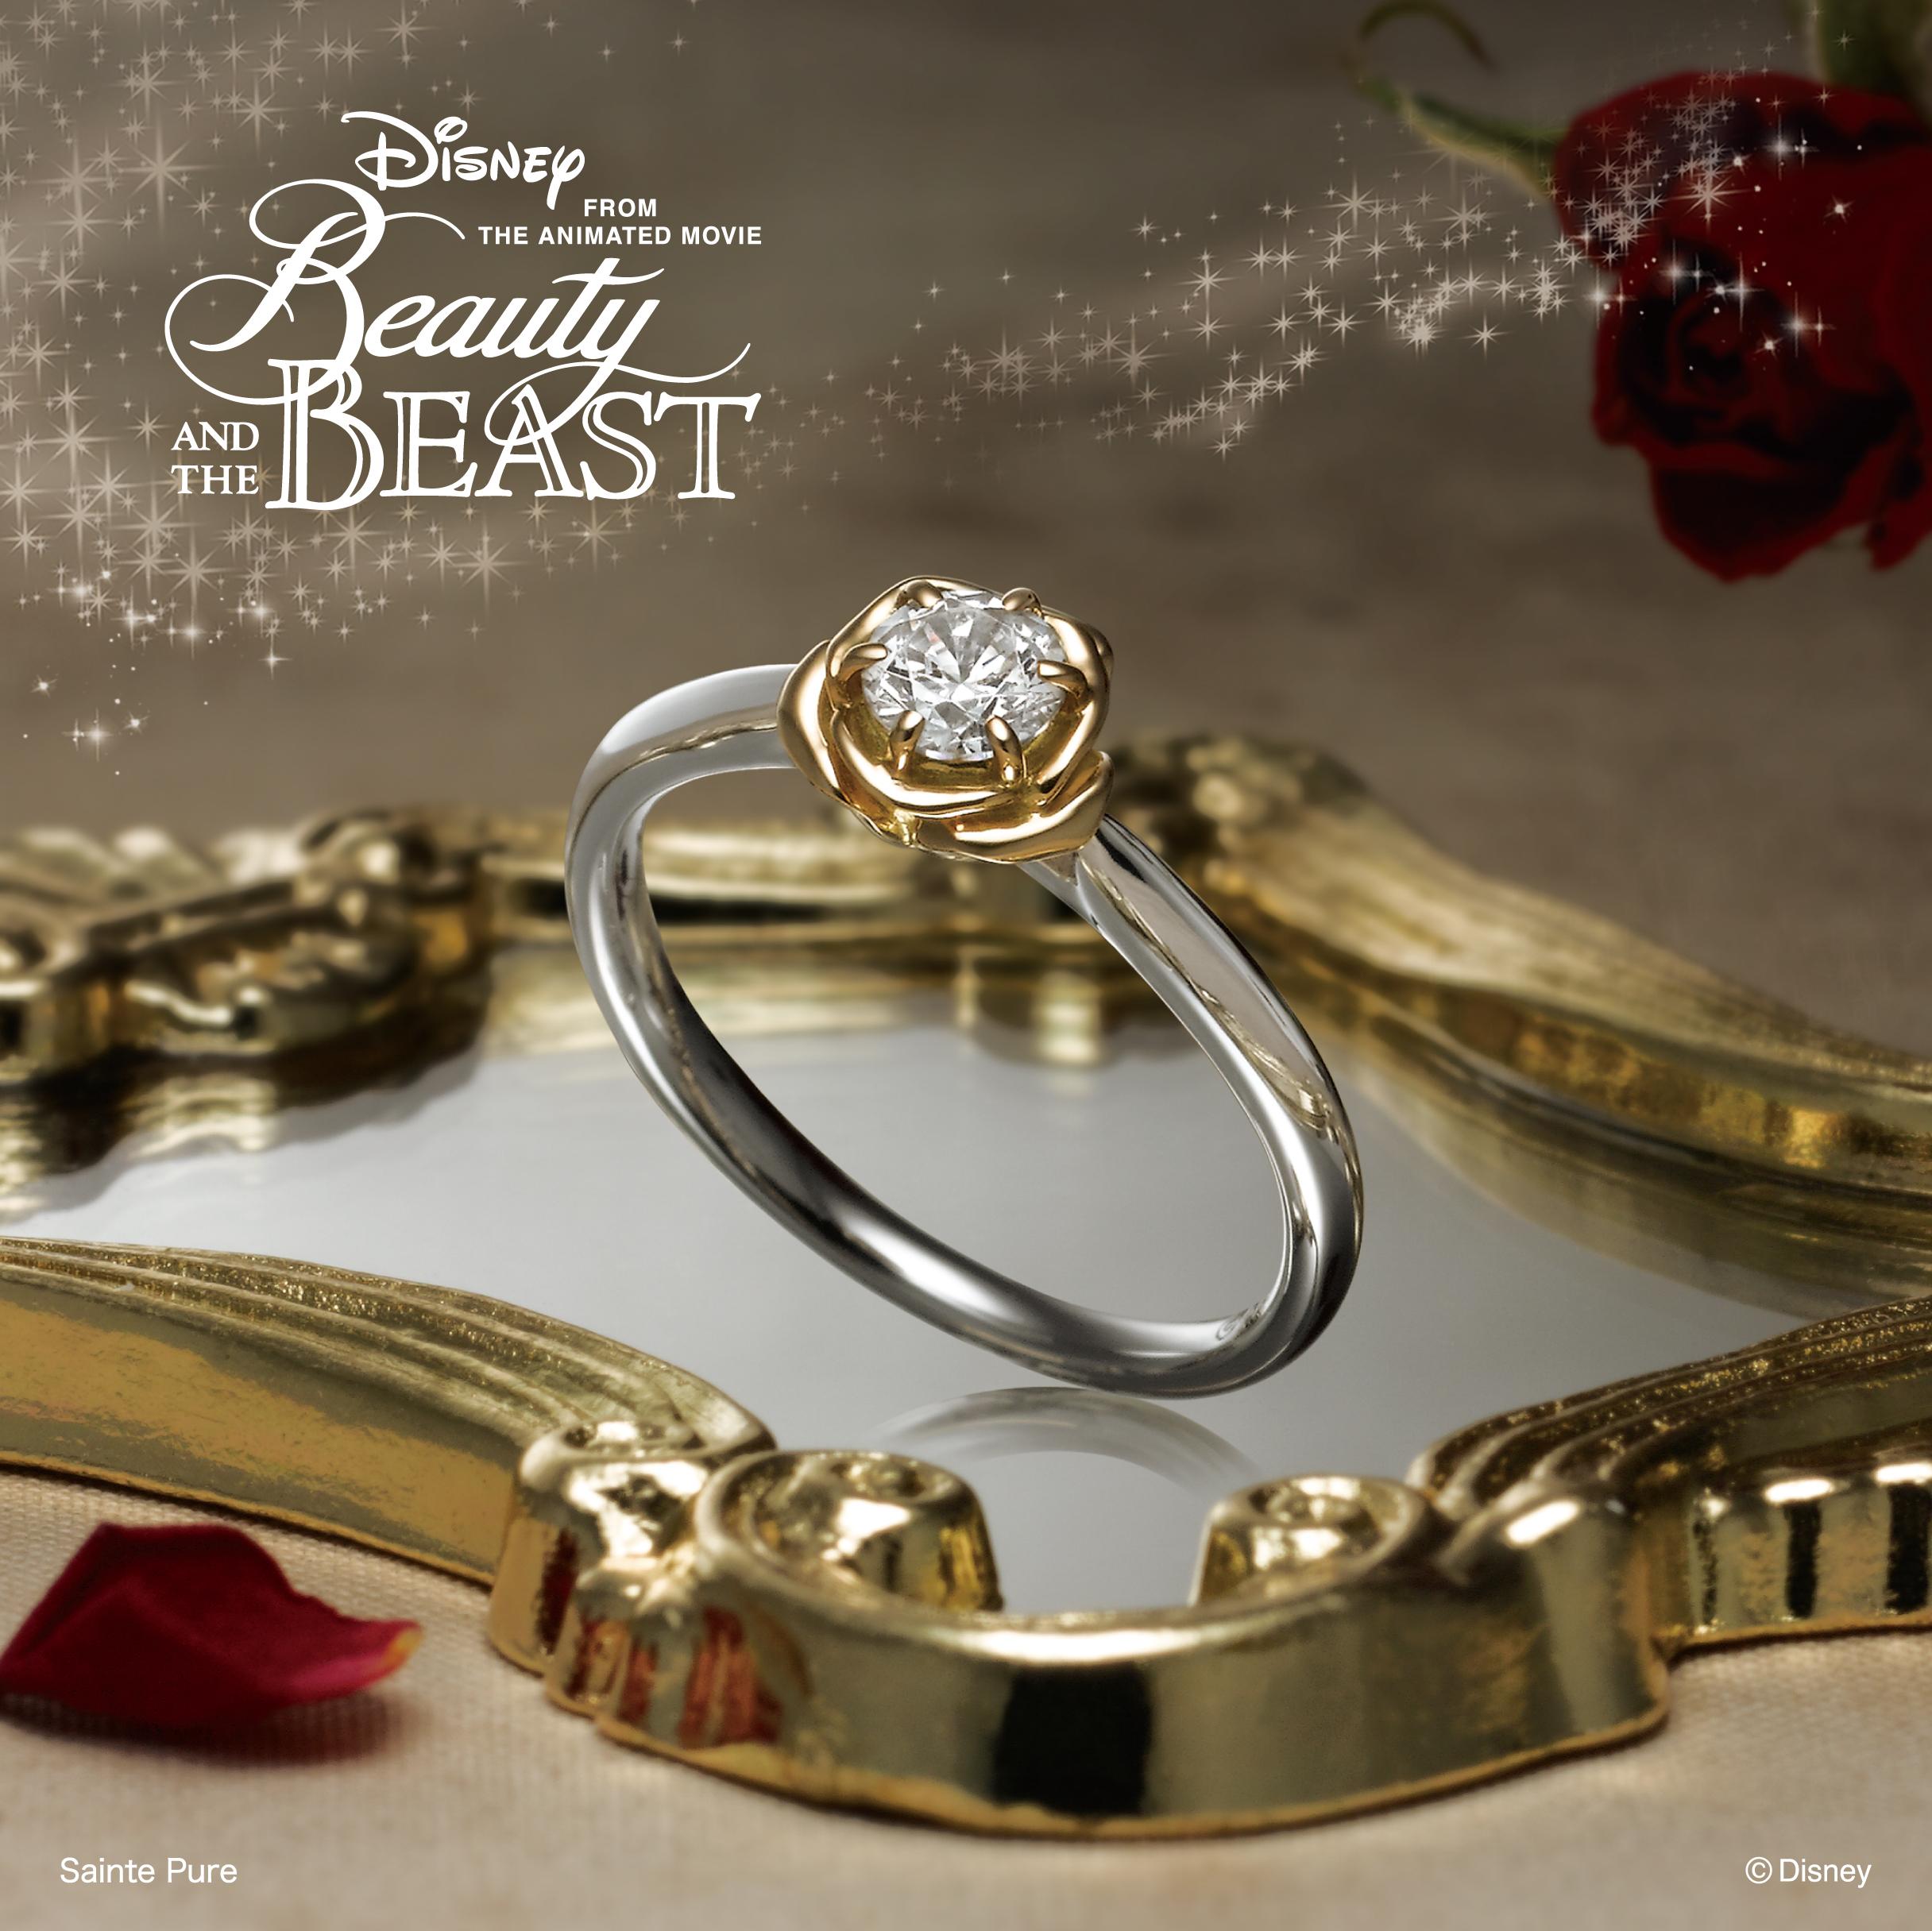 【ディズニーのプロポーズリング】ディズニー好きにサプライズしたいなら/人気の婚約指輪ブランド4選